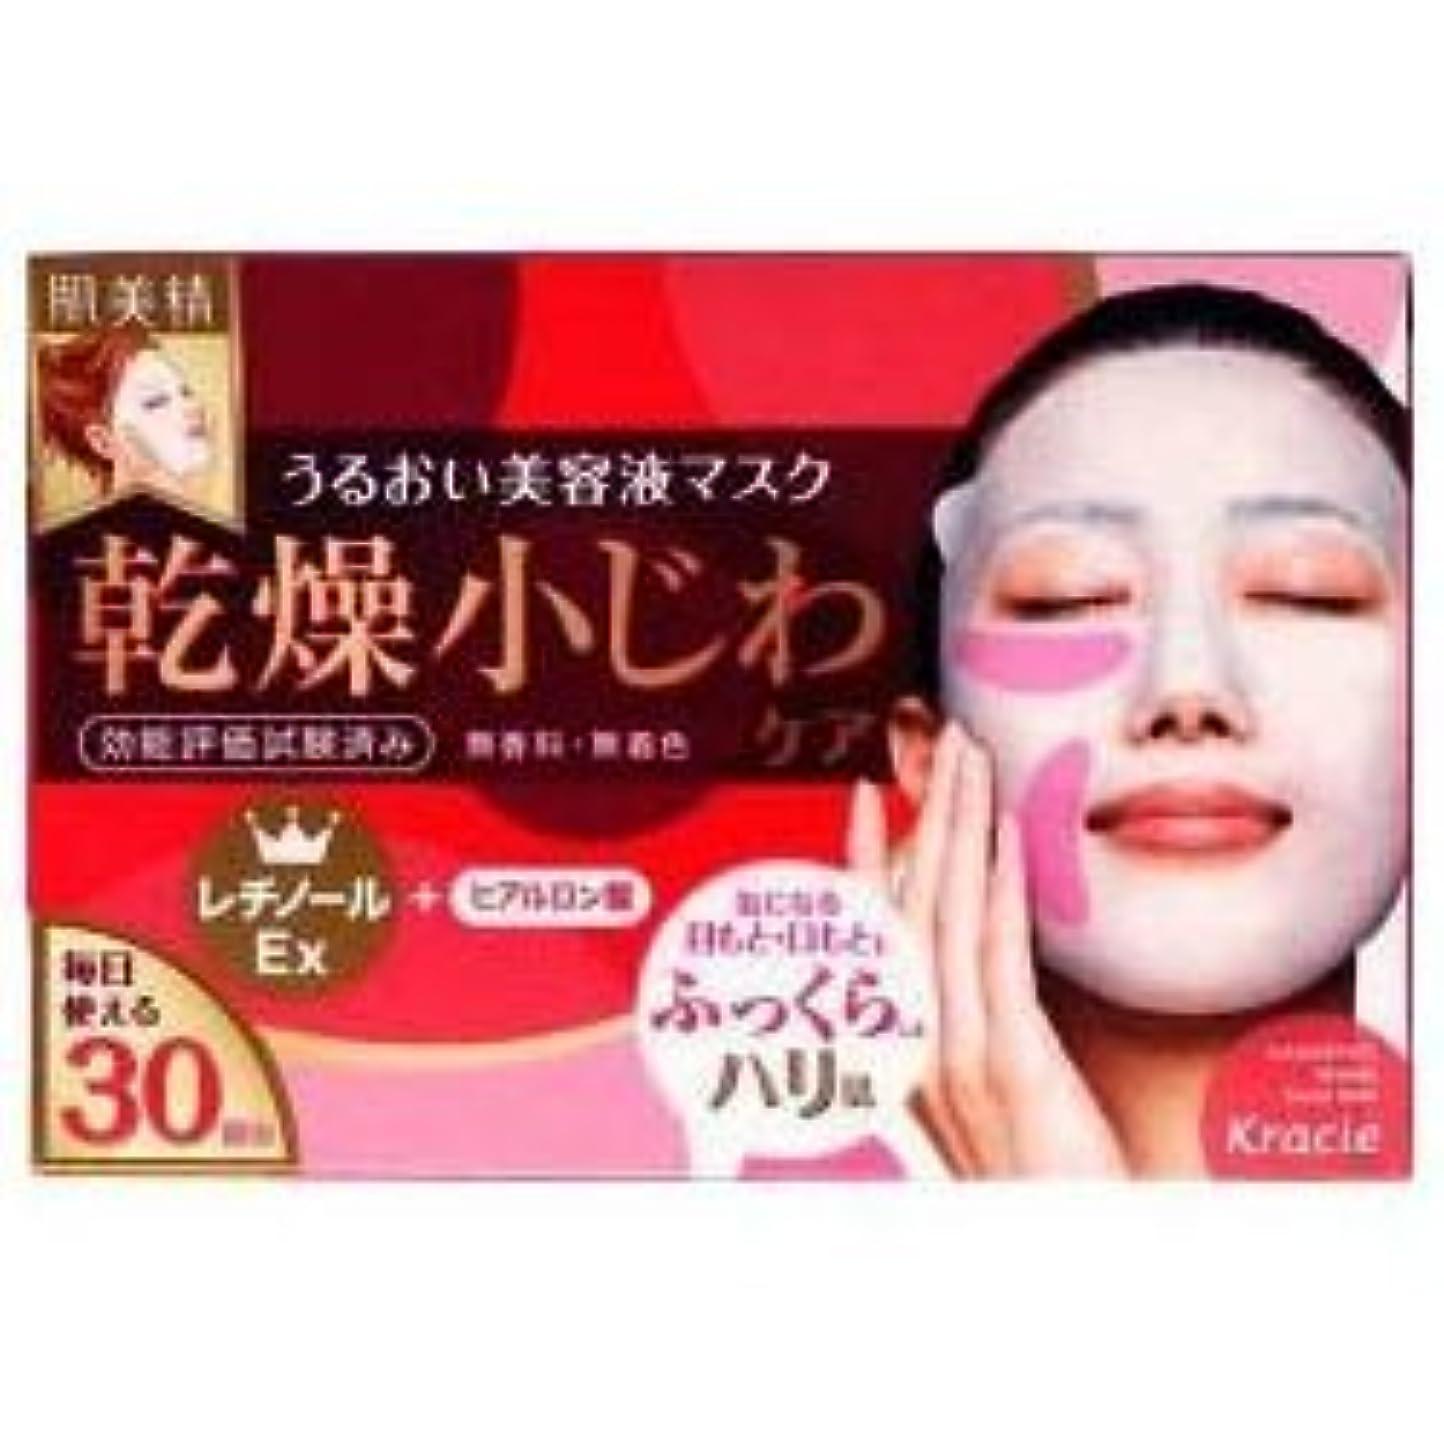 最大化するアラビア語畝間【クラシエ】肌美精 デイリーリンクルケア美容液マスク 30枚 ×5個セット